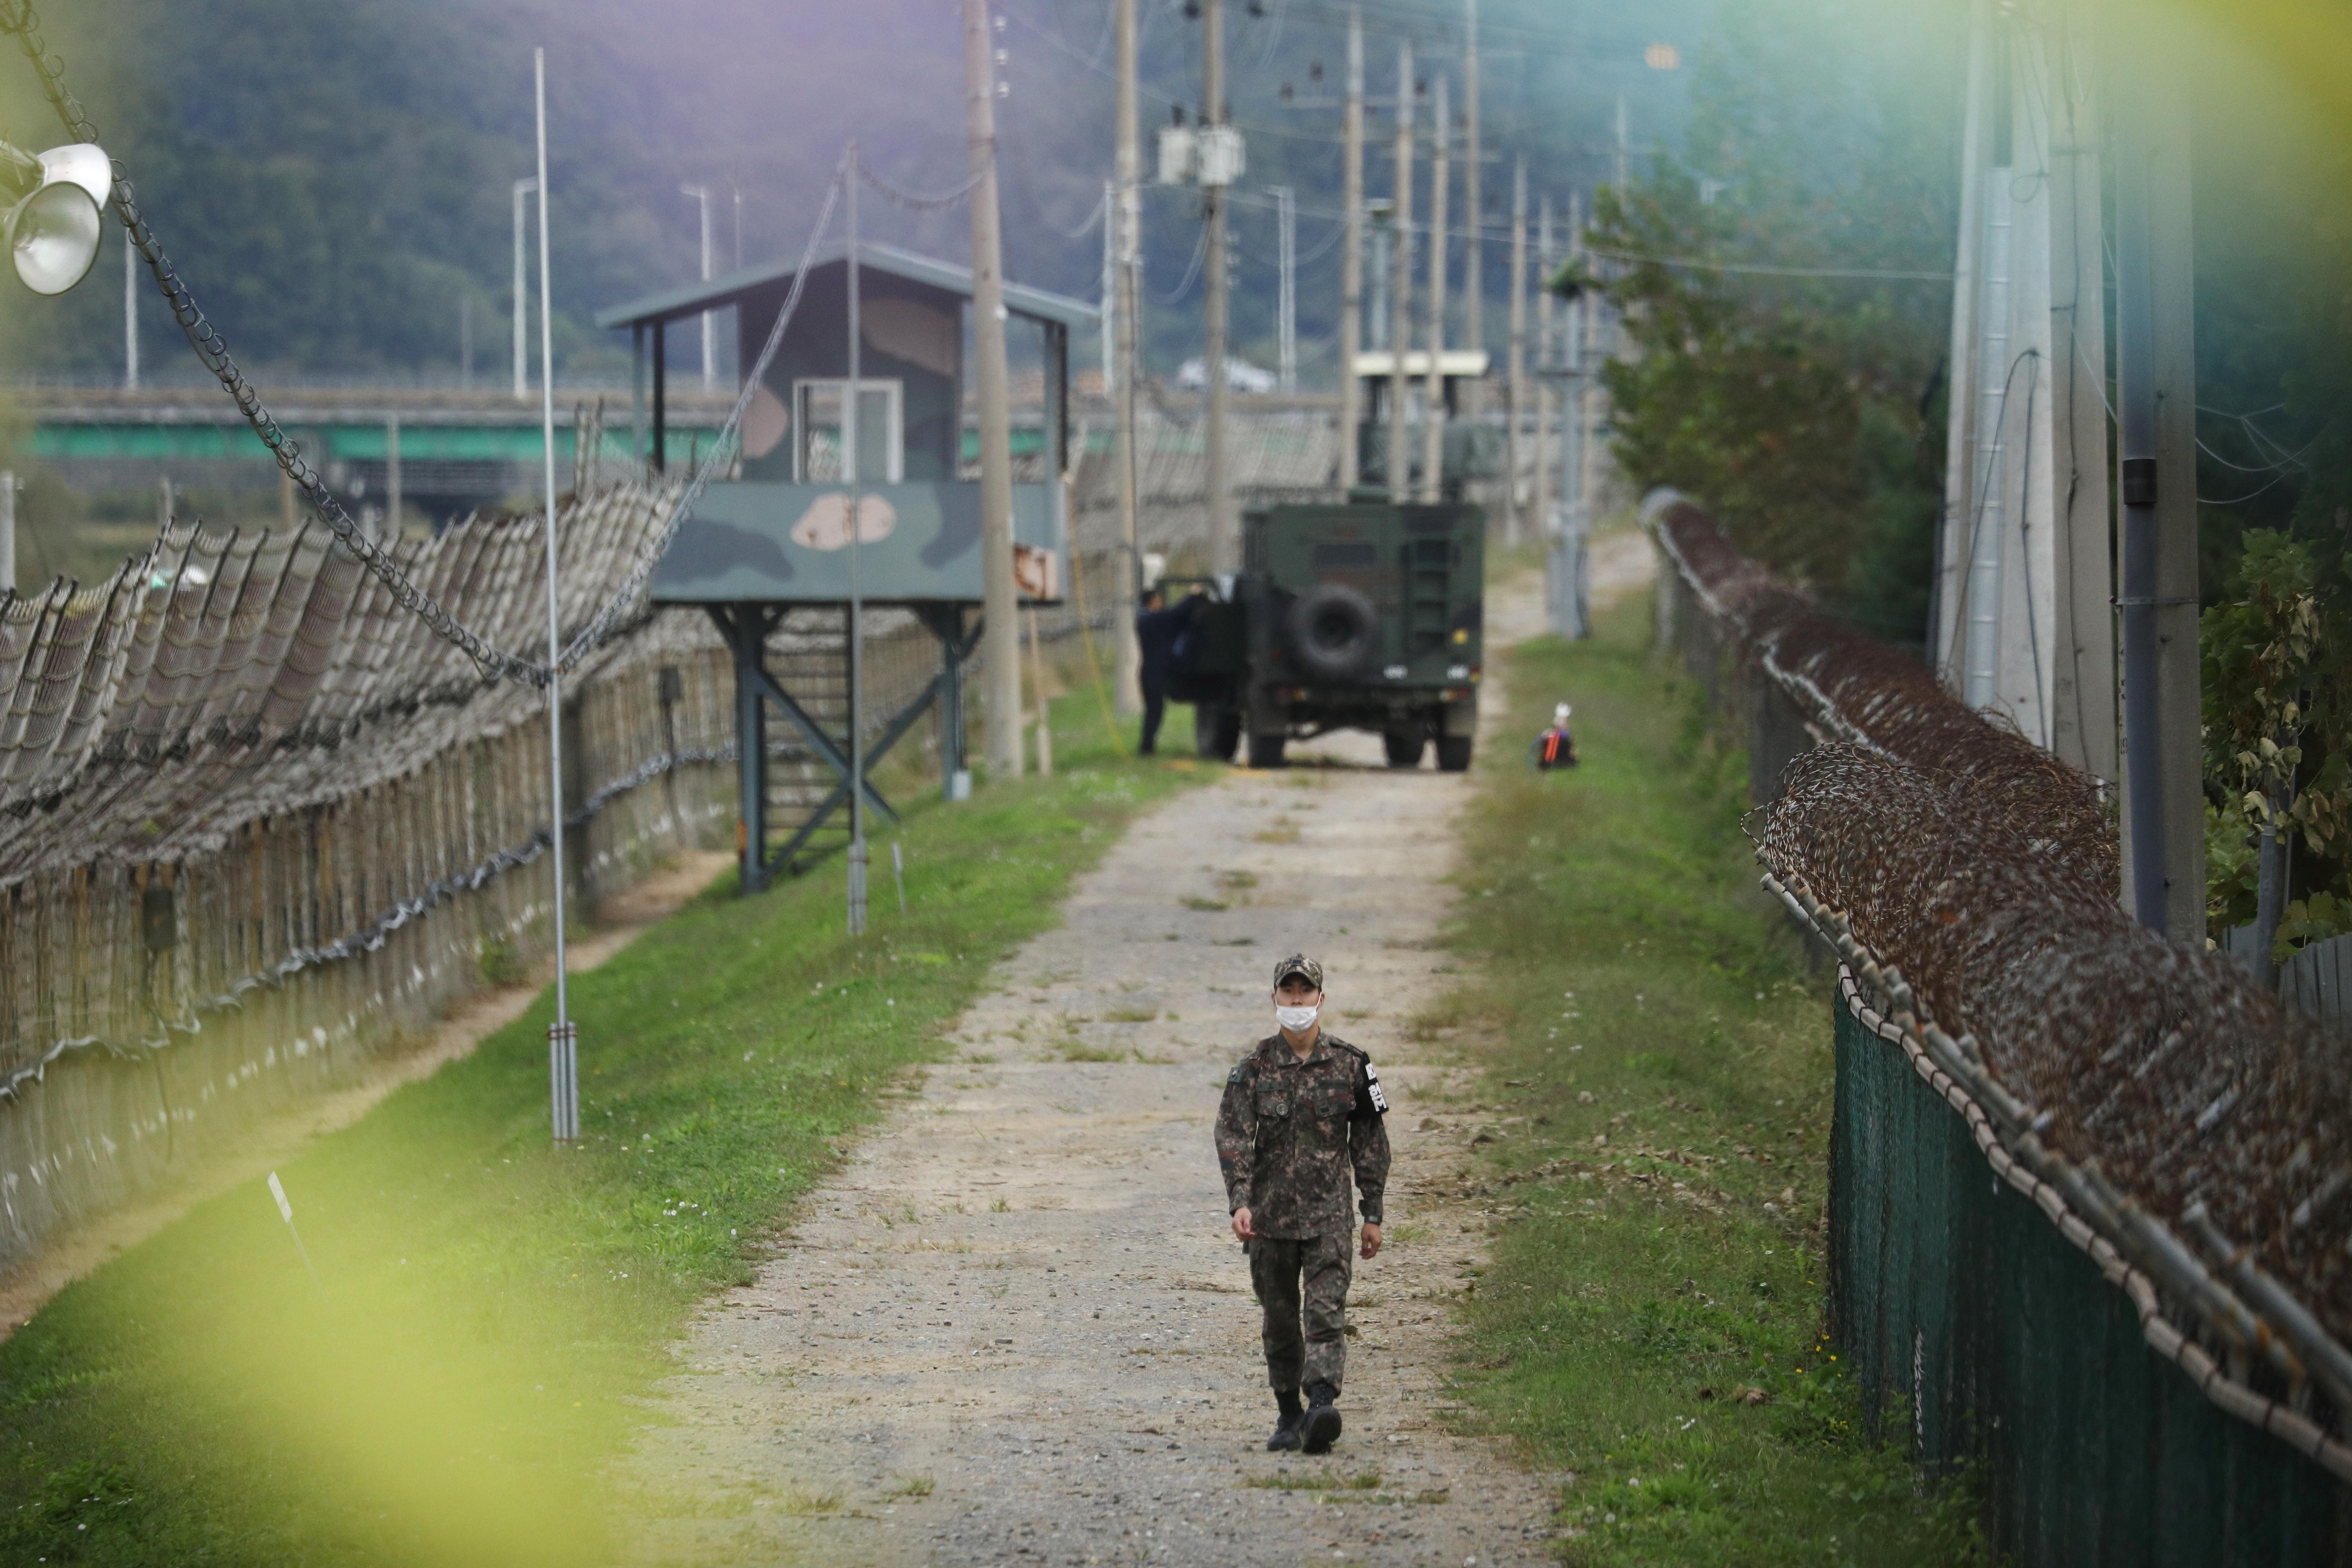 یک سرباز کره جنوبی در امتداد یک حصار نظامی در نزدیکی منطقه غیرنظامی جدا کننده دو کره در پاجو ، کره جنوبی ، 28 سپتامبر 2021 قدم می زند. رویترز/کیم هنگ جی